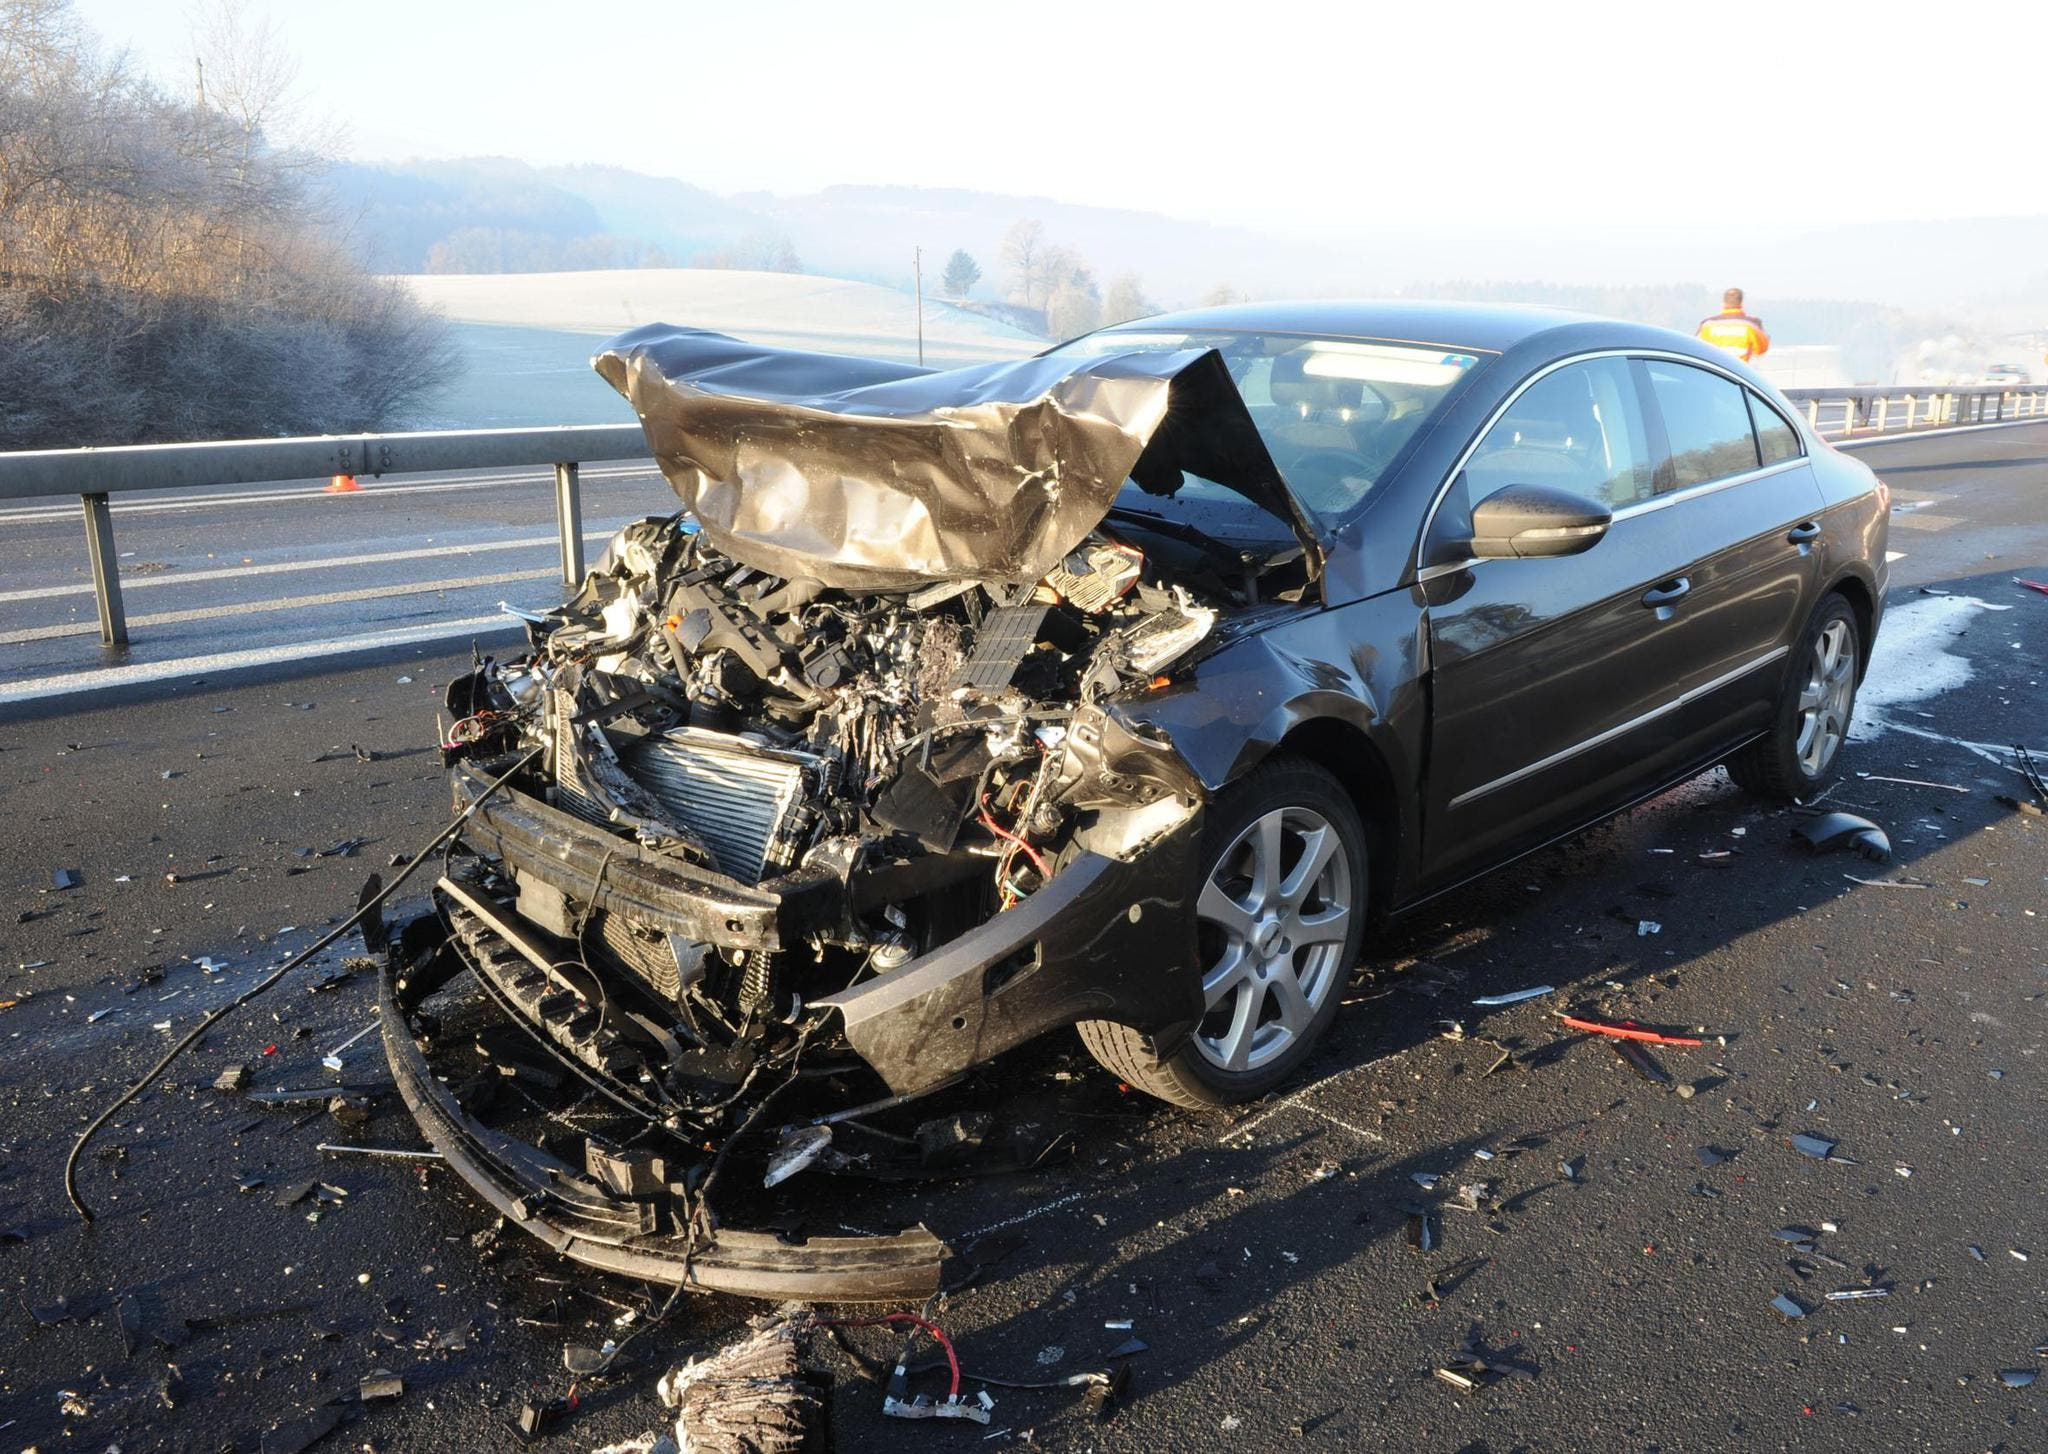 Es entstand ein Sachschaden von 170'000 Franken (Bild: Luzerner Polizei)